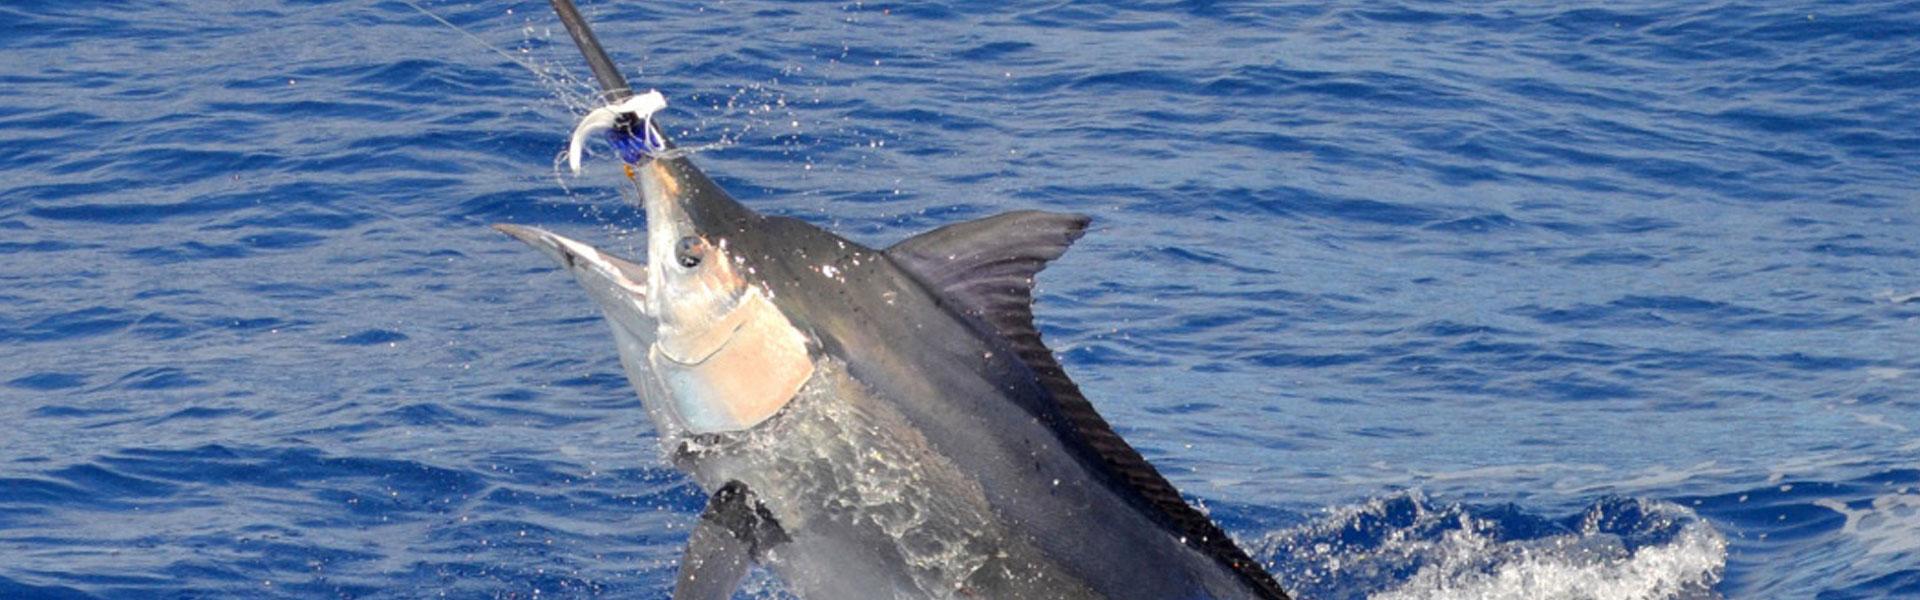 Pêche Île Maurice